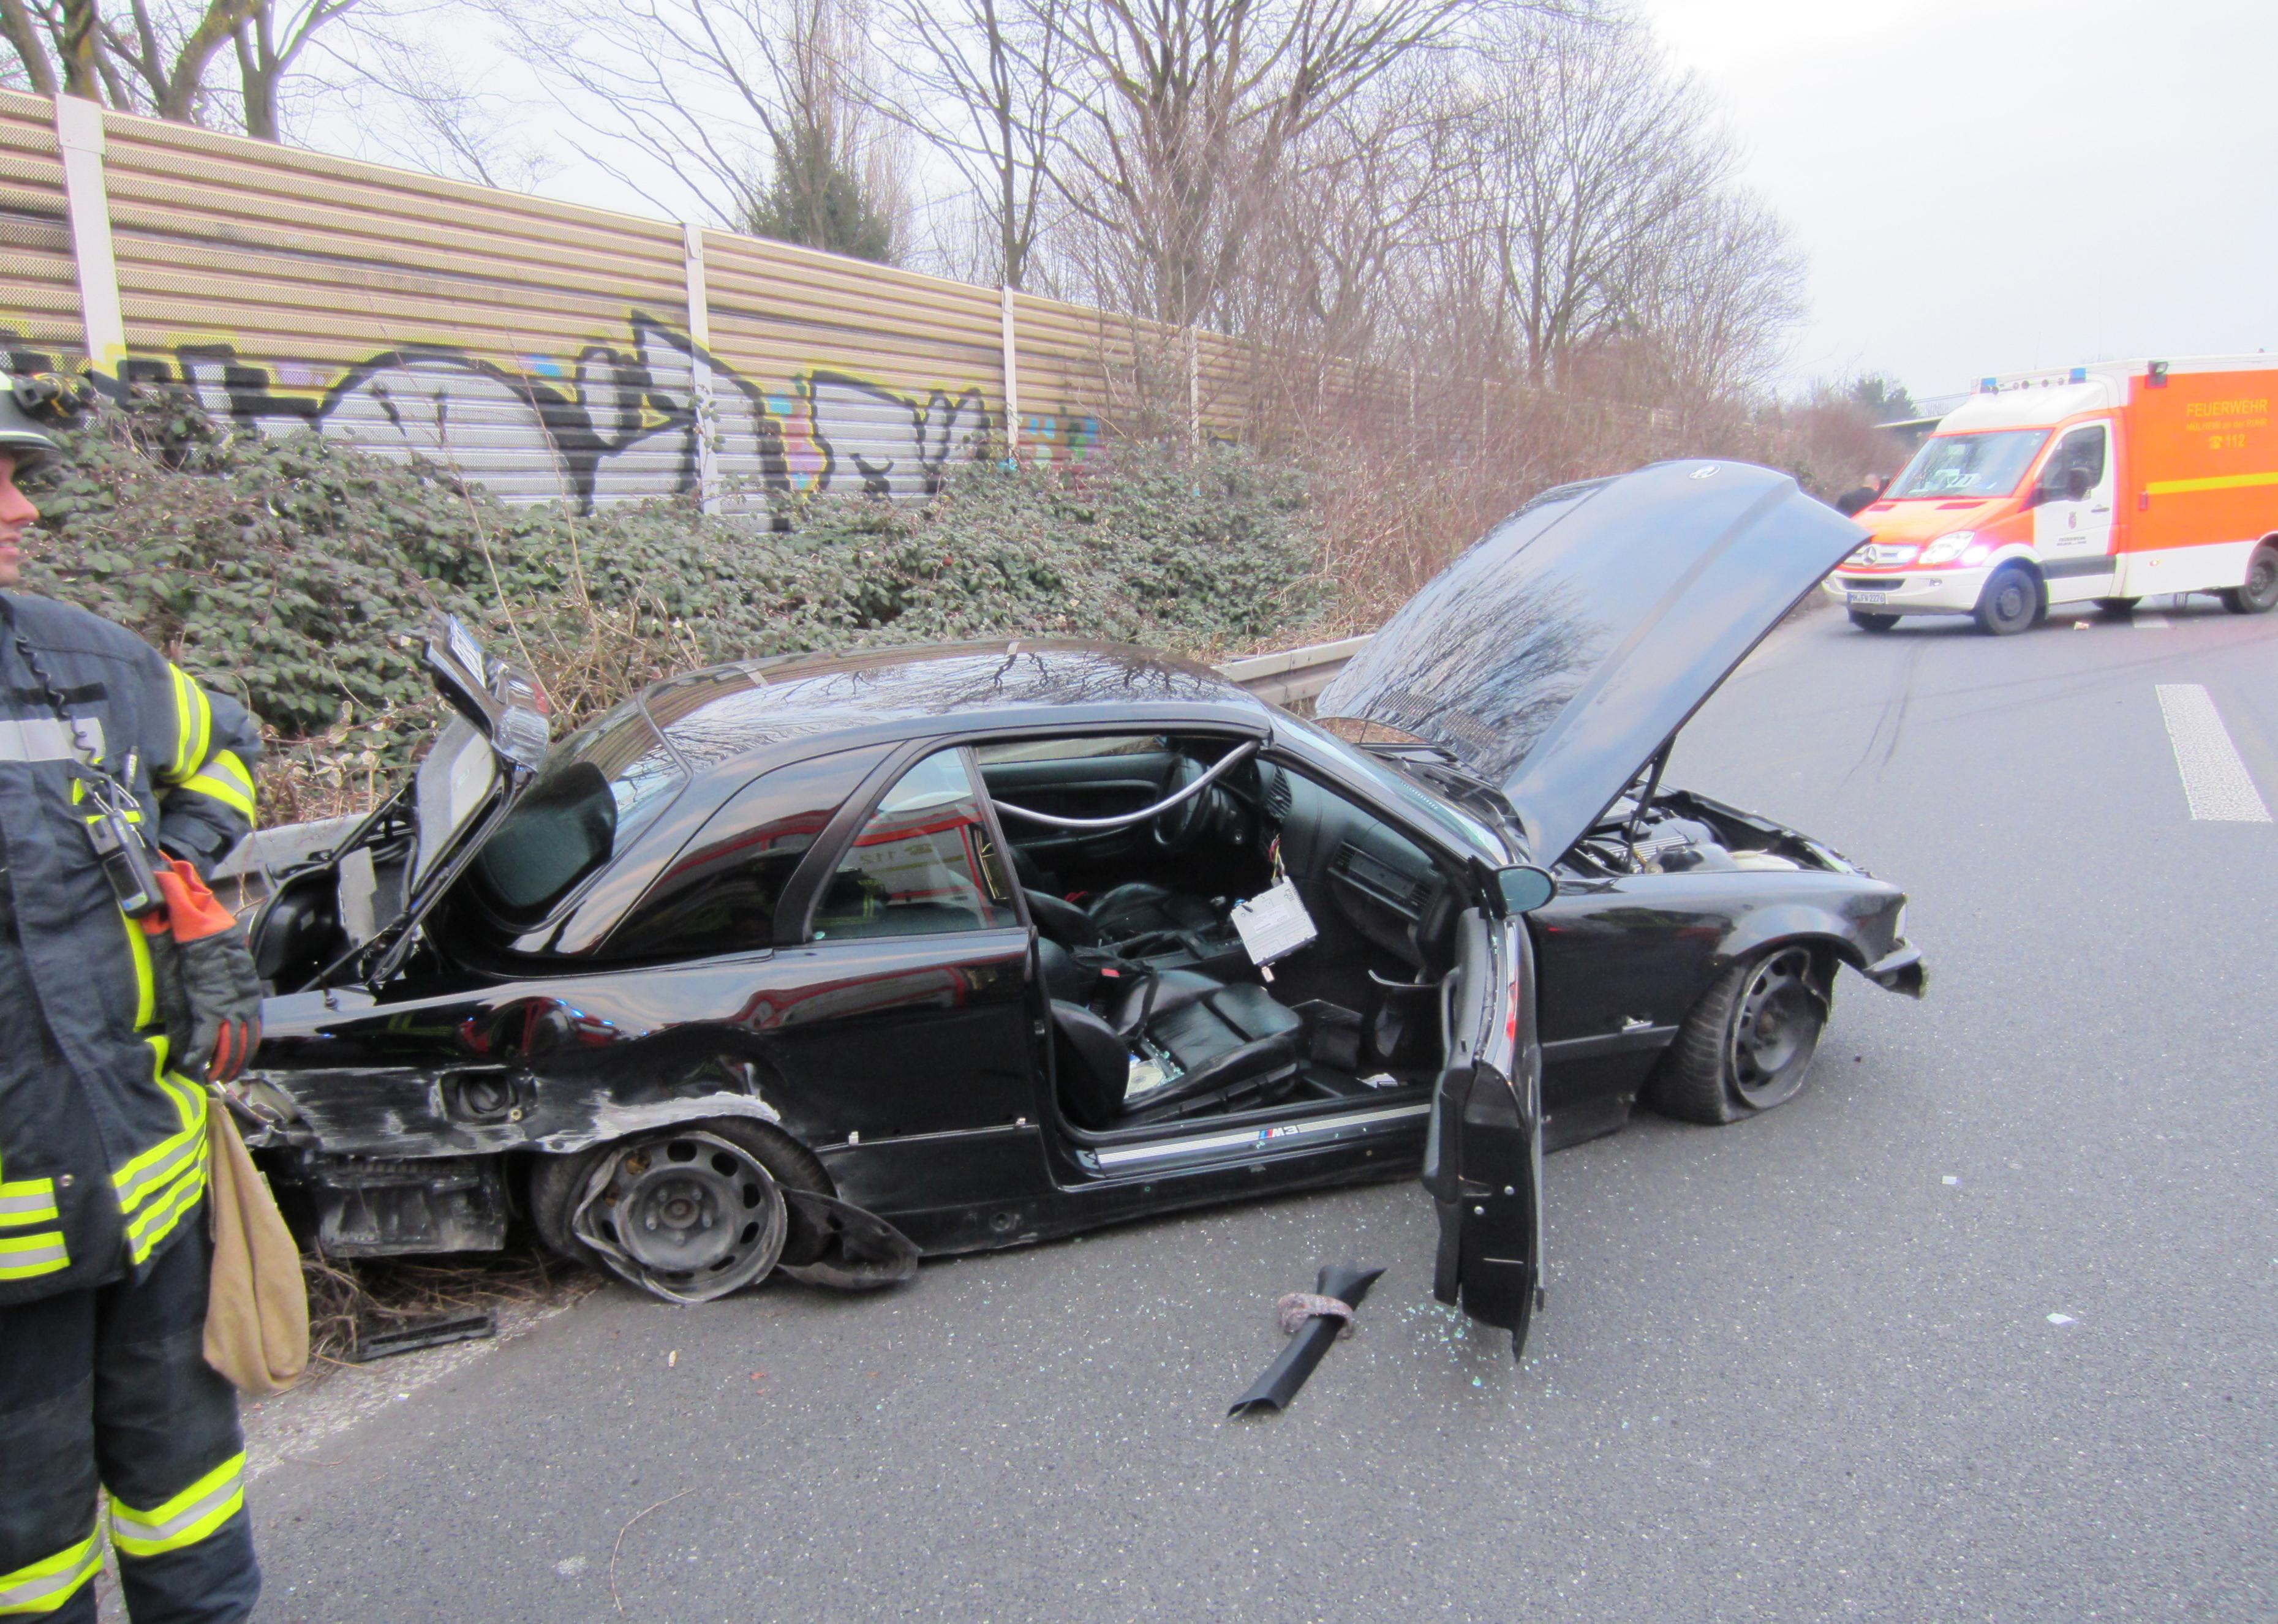 FW-MH: Unfall A40 mit einer verletzten Person | Pressemitteilung ...